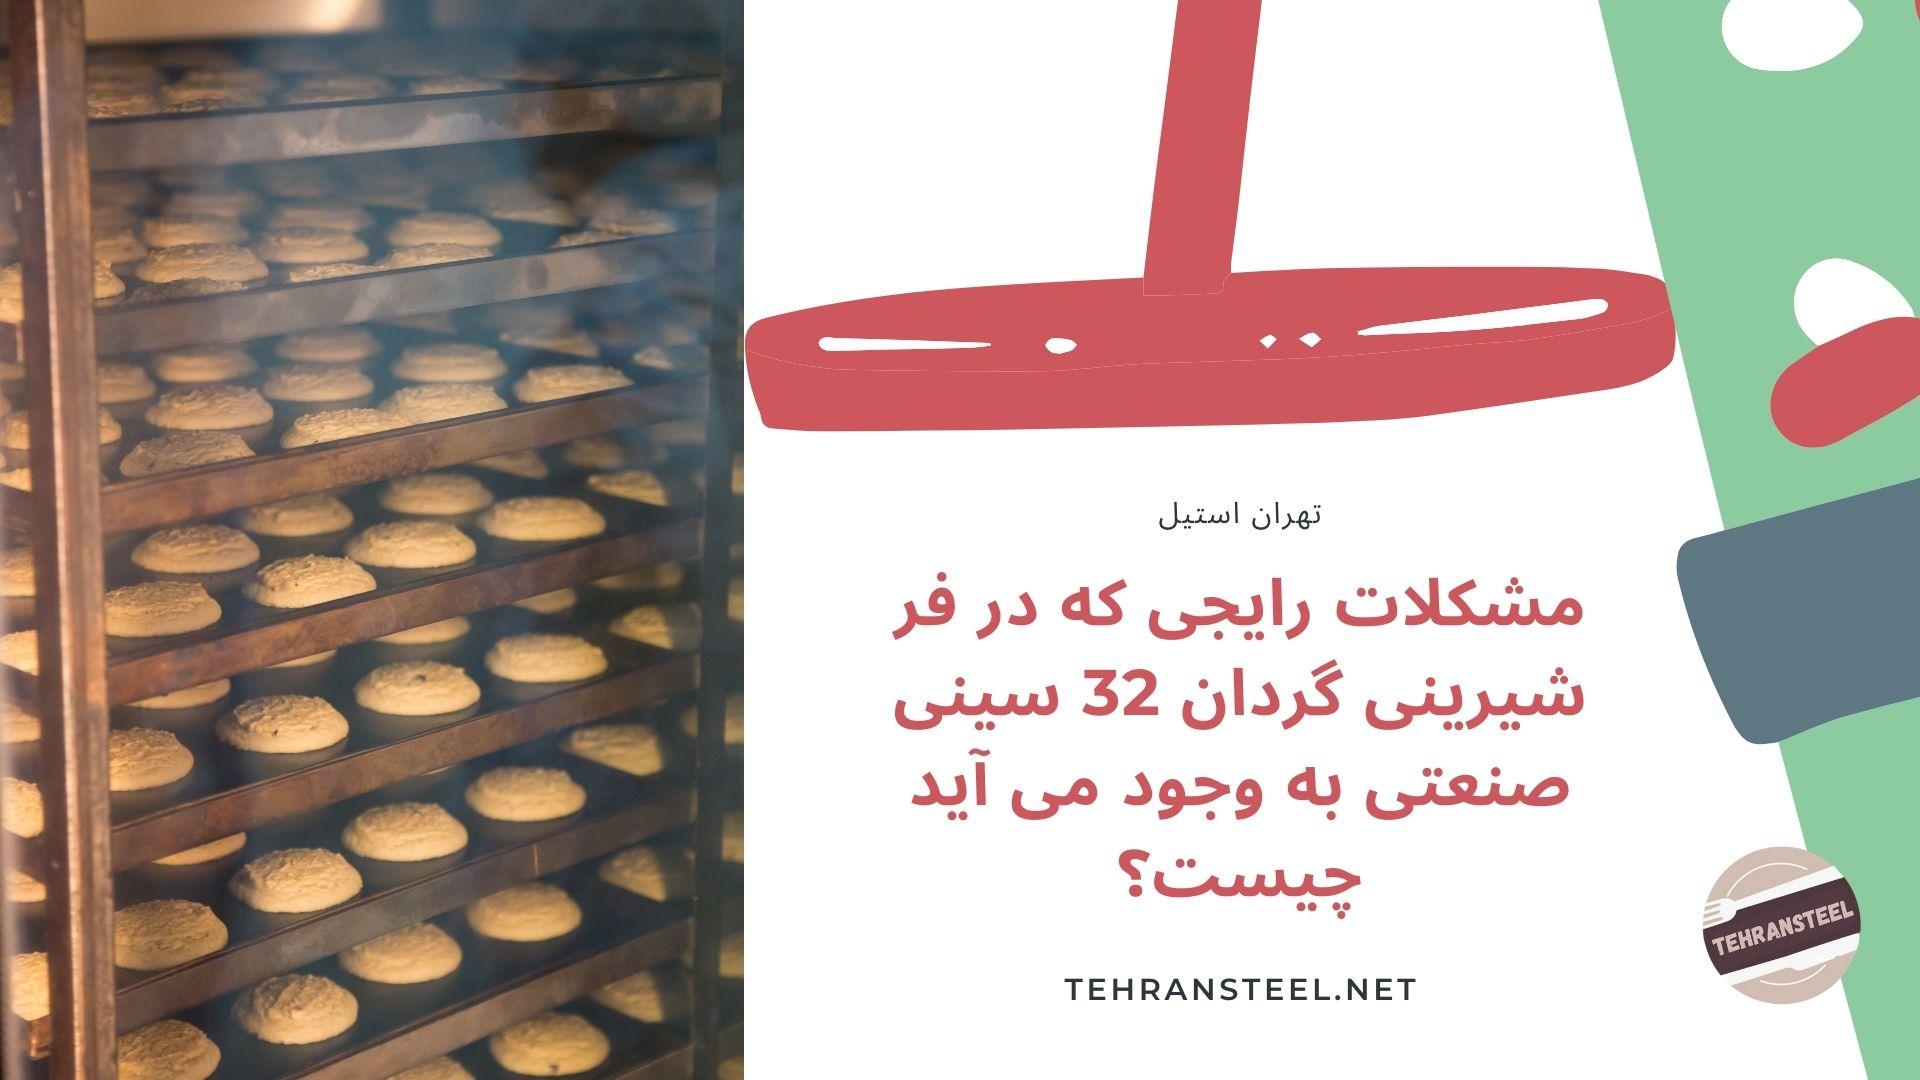 مشکلات رایجی که در فر شیرینی گردان 32 سینی صنعتی به وجود می آید چیست؟